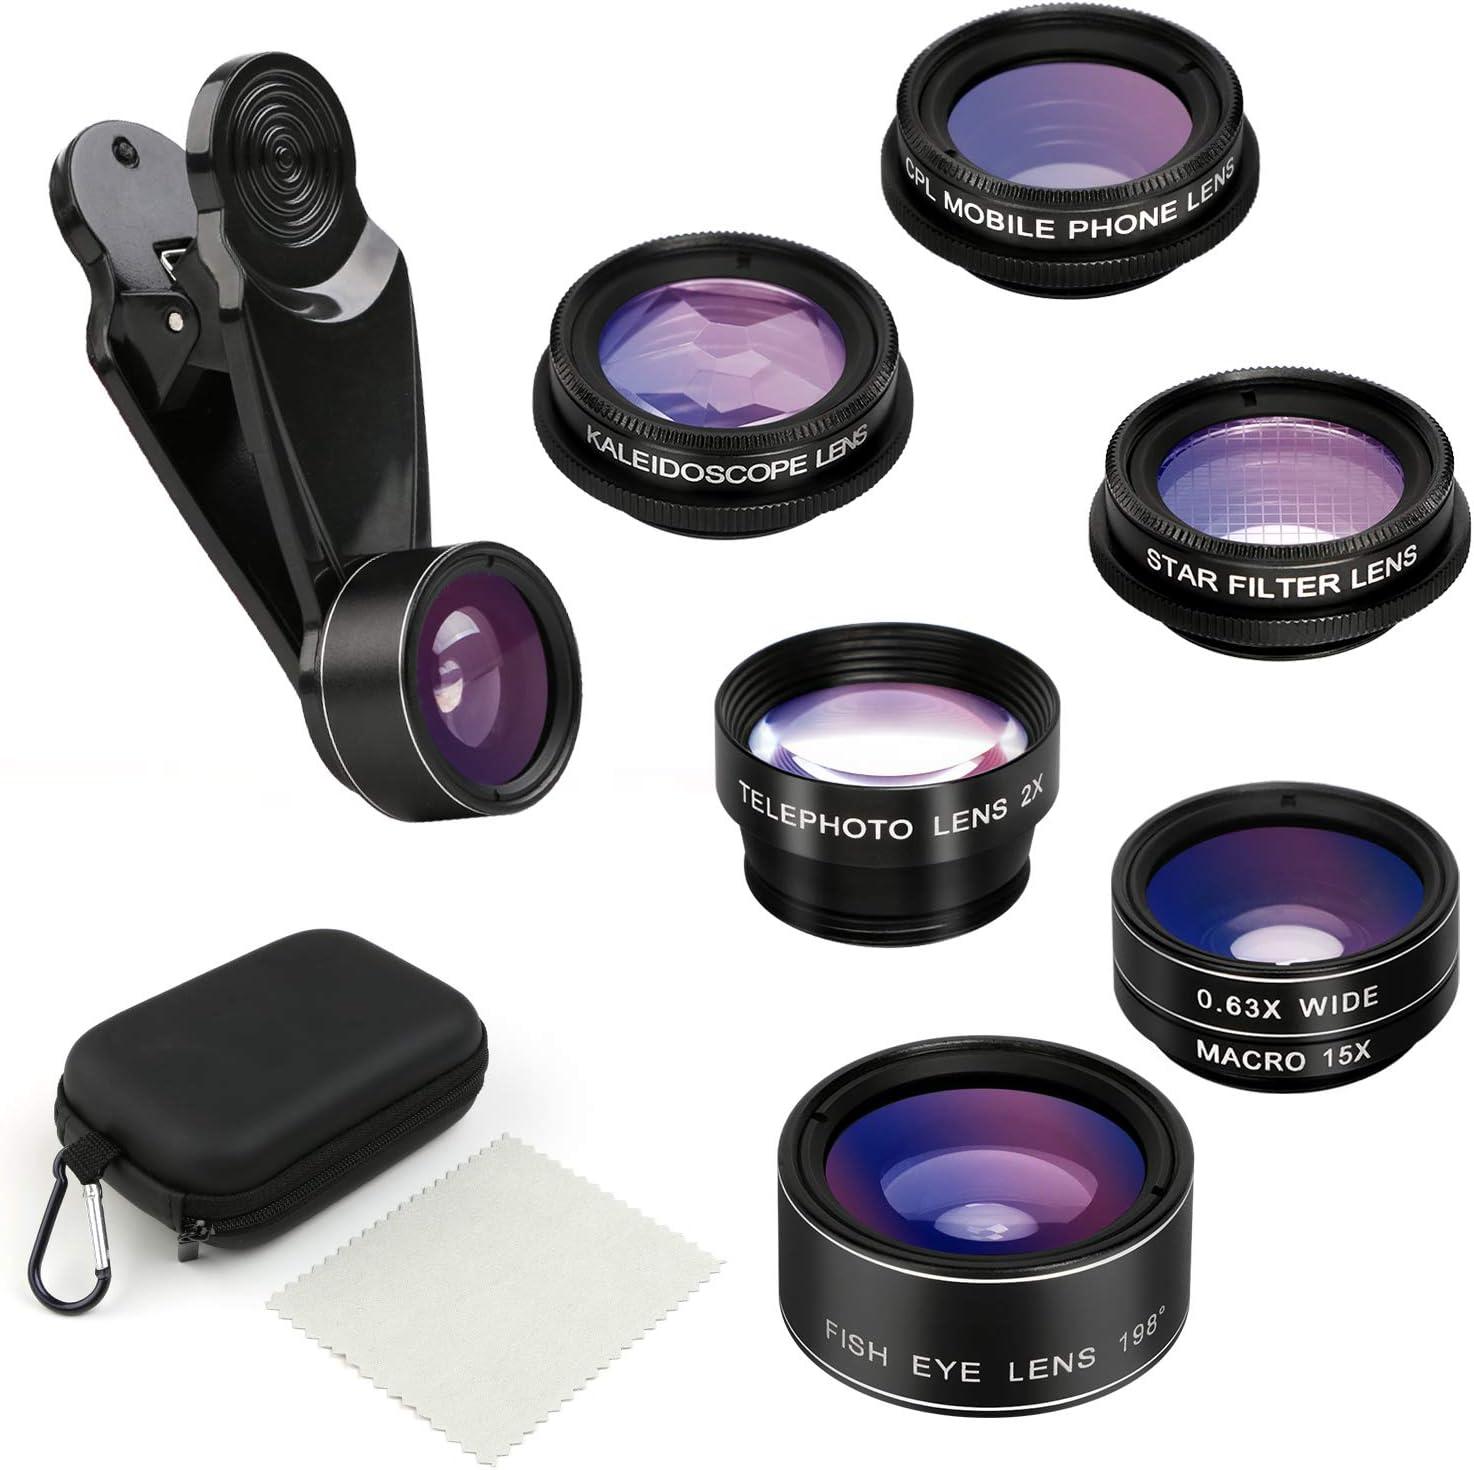 kits de lentes de teléfono celular 7 en 1